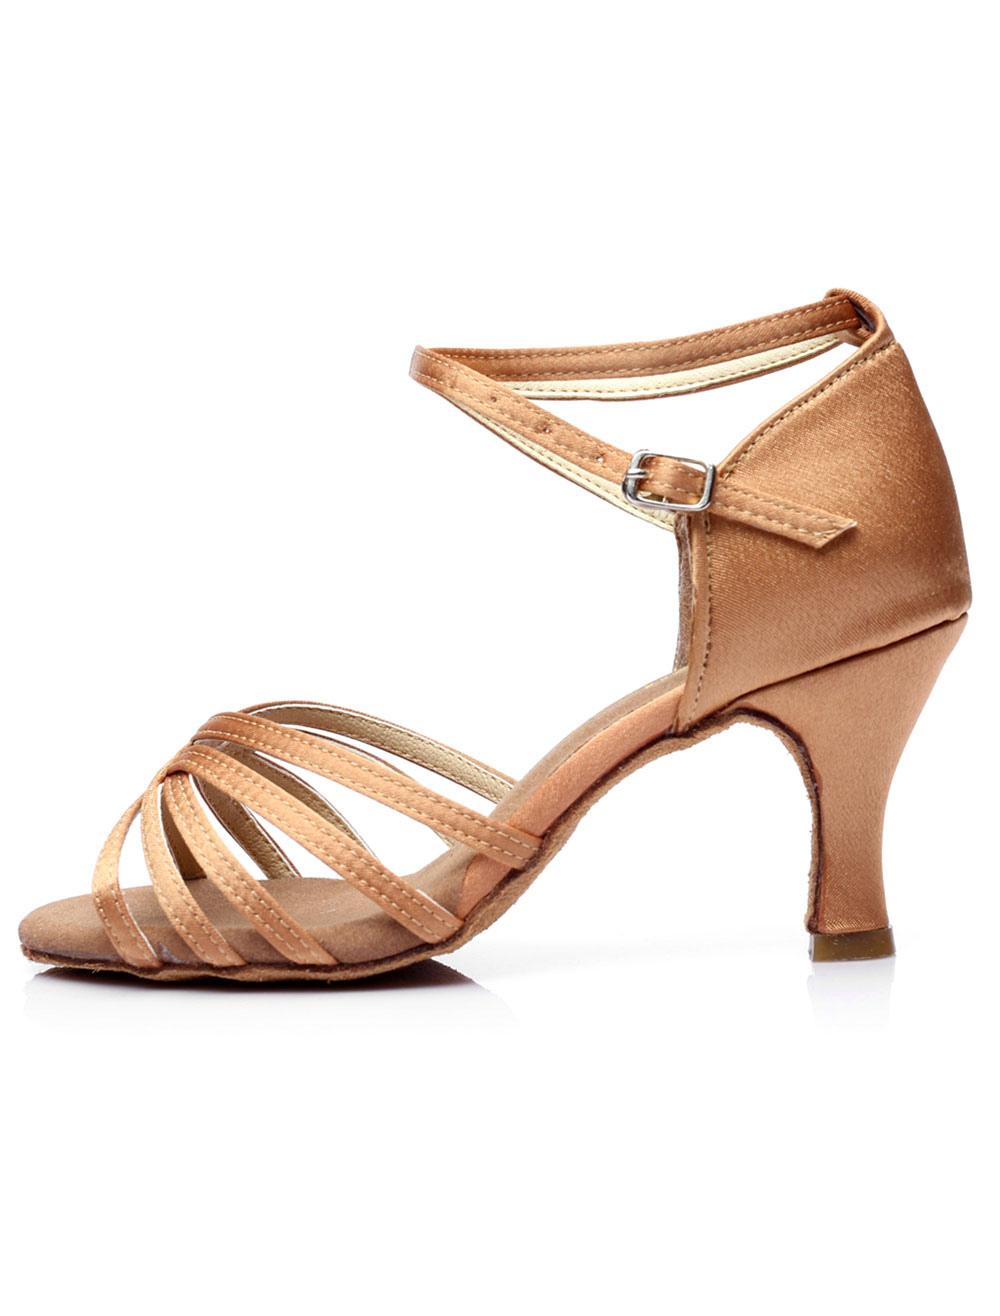 Zapatos de baile Deportivo textil satinado salón zapatos para las mujeres EYXV4k